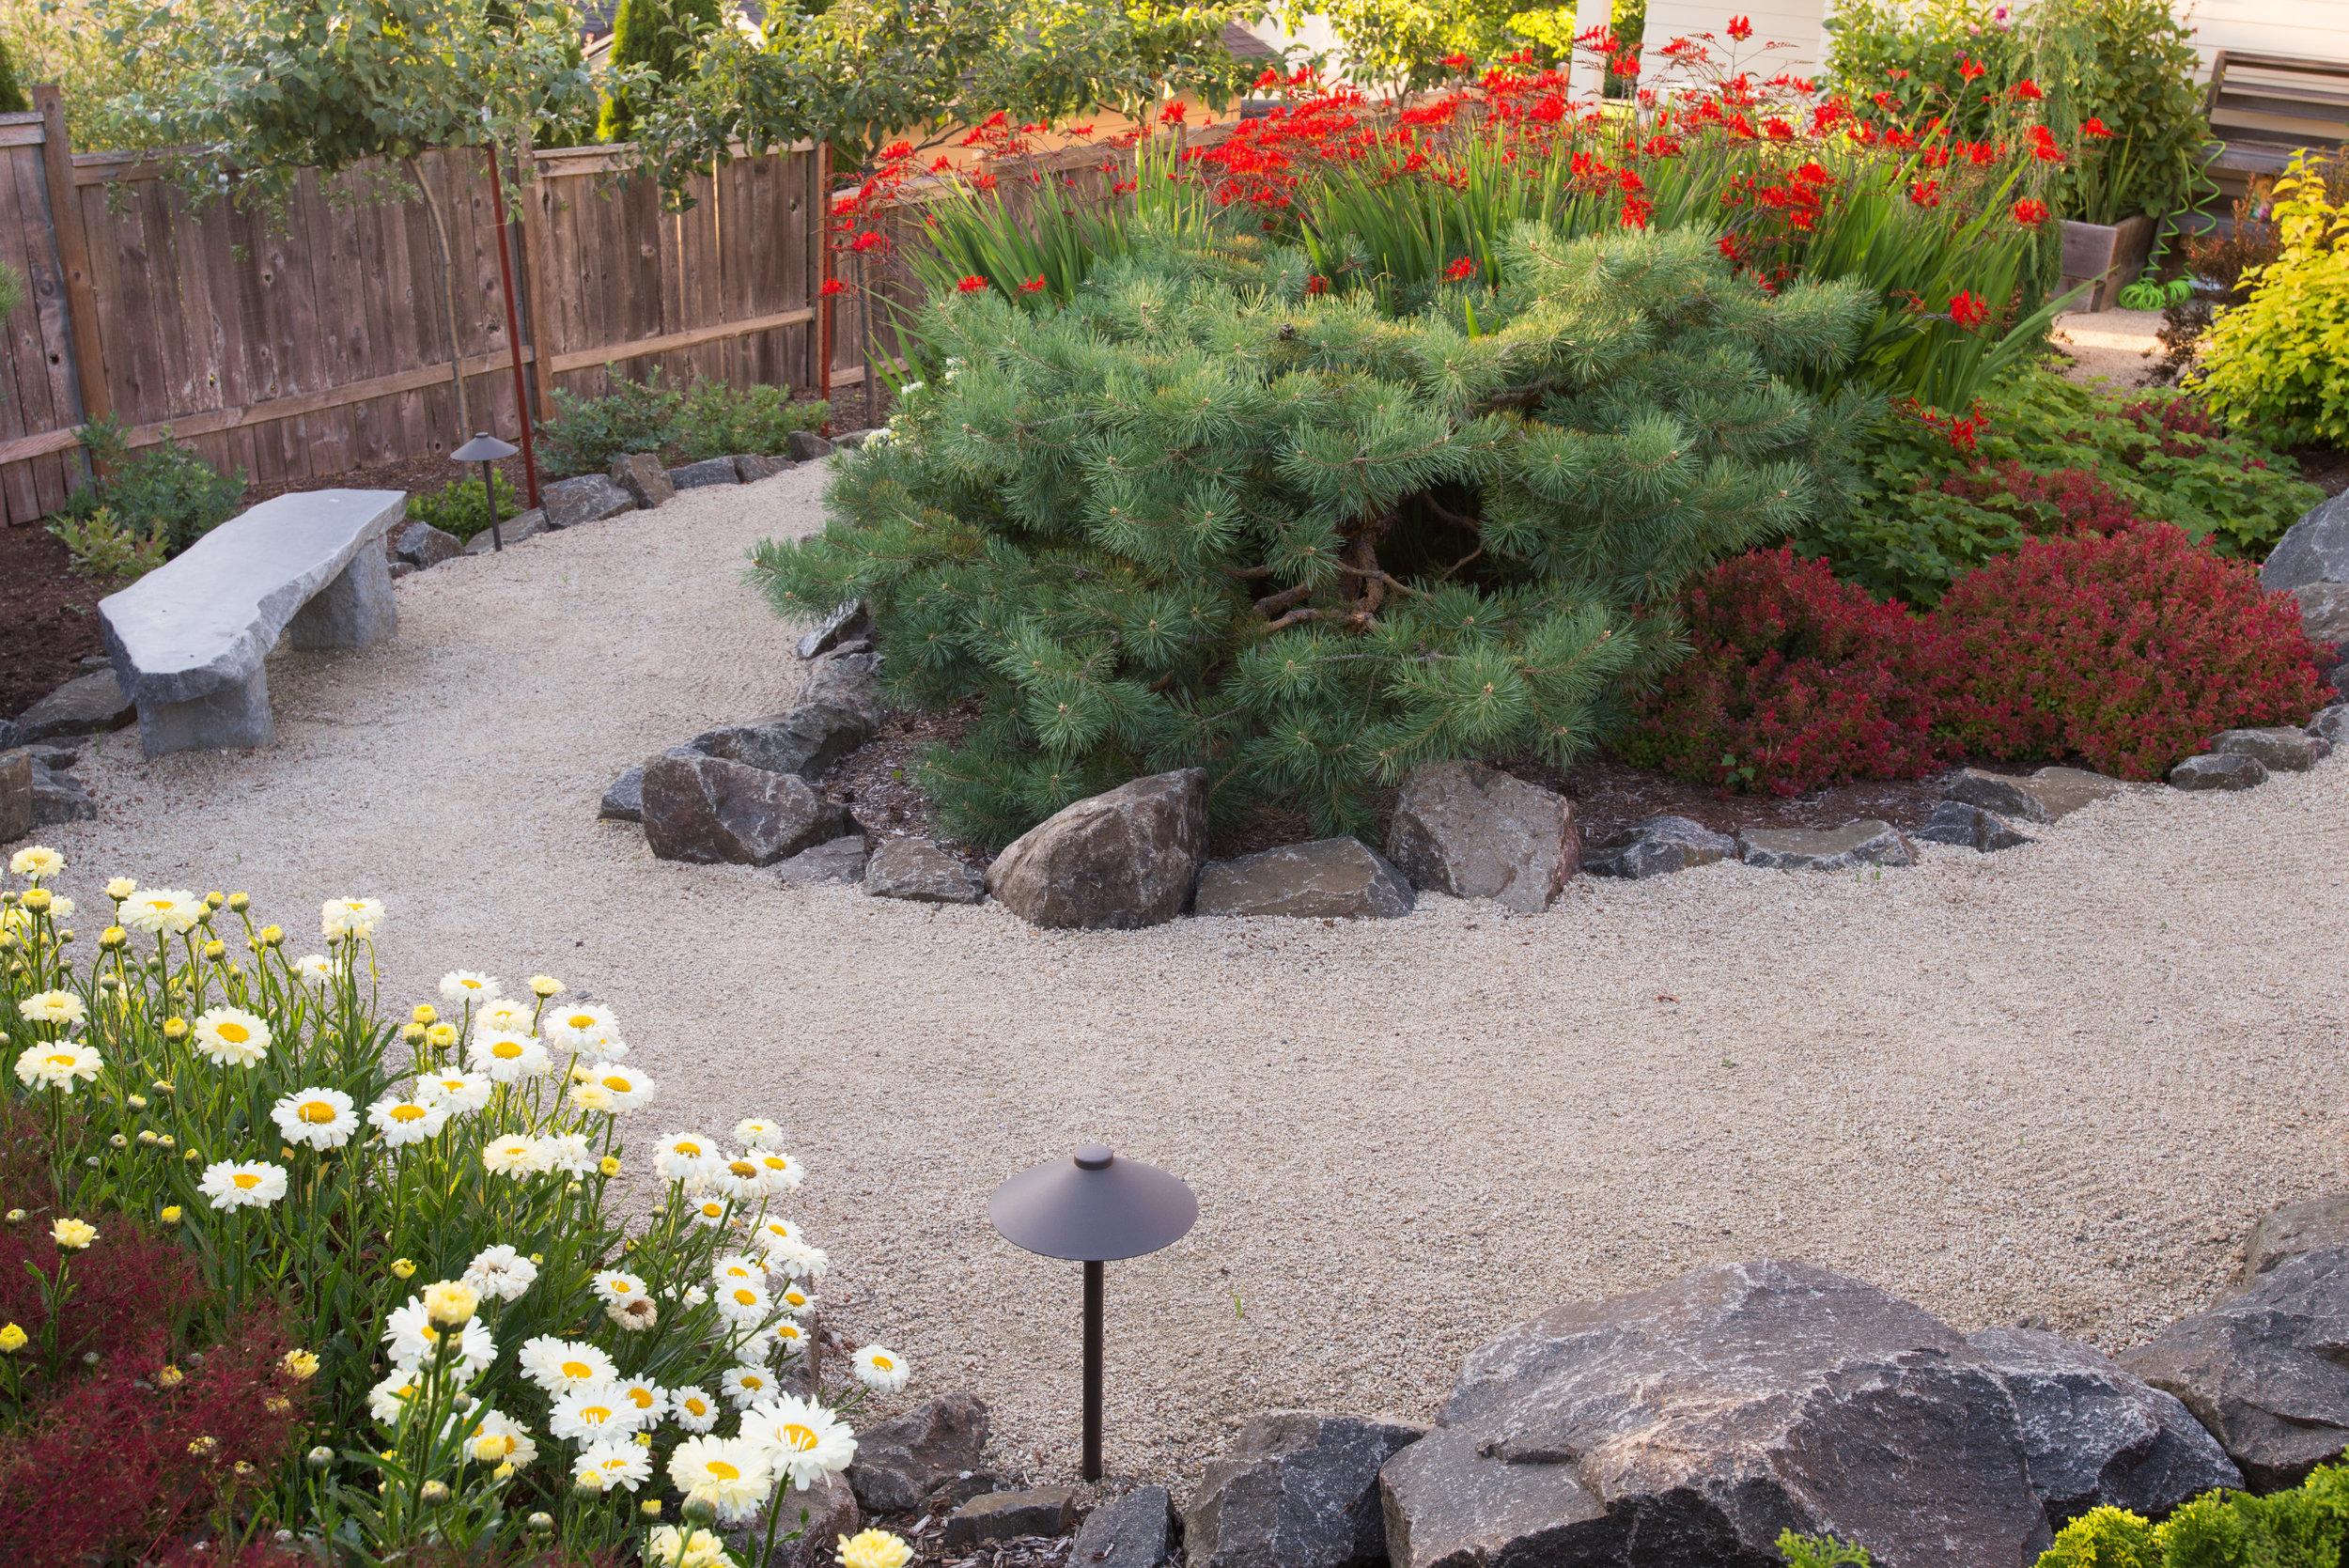 Sept Garden 24.jpg